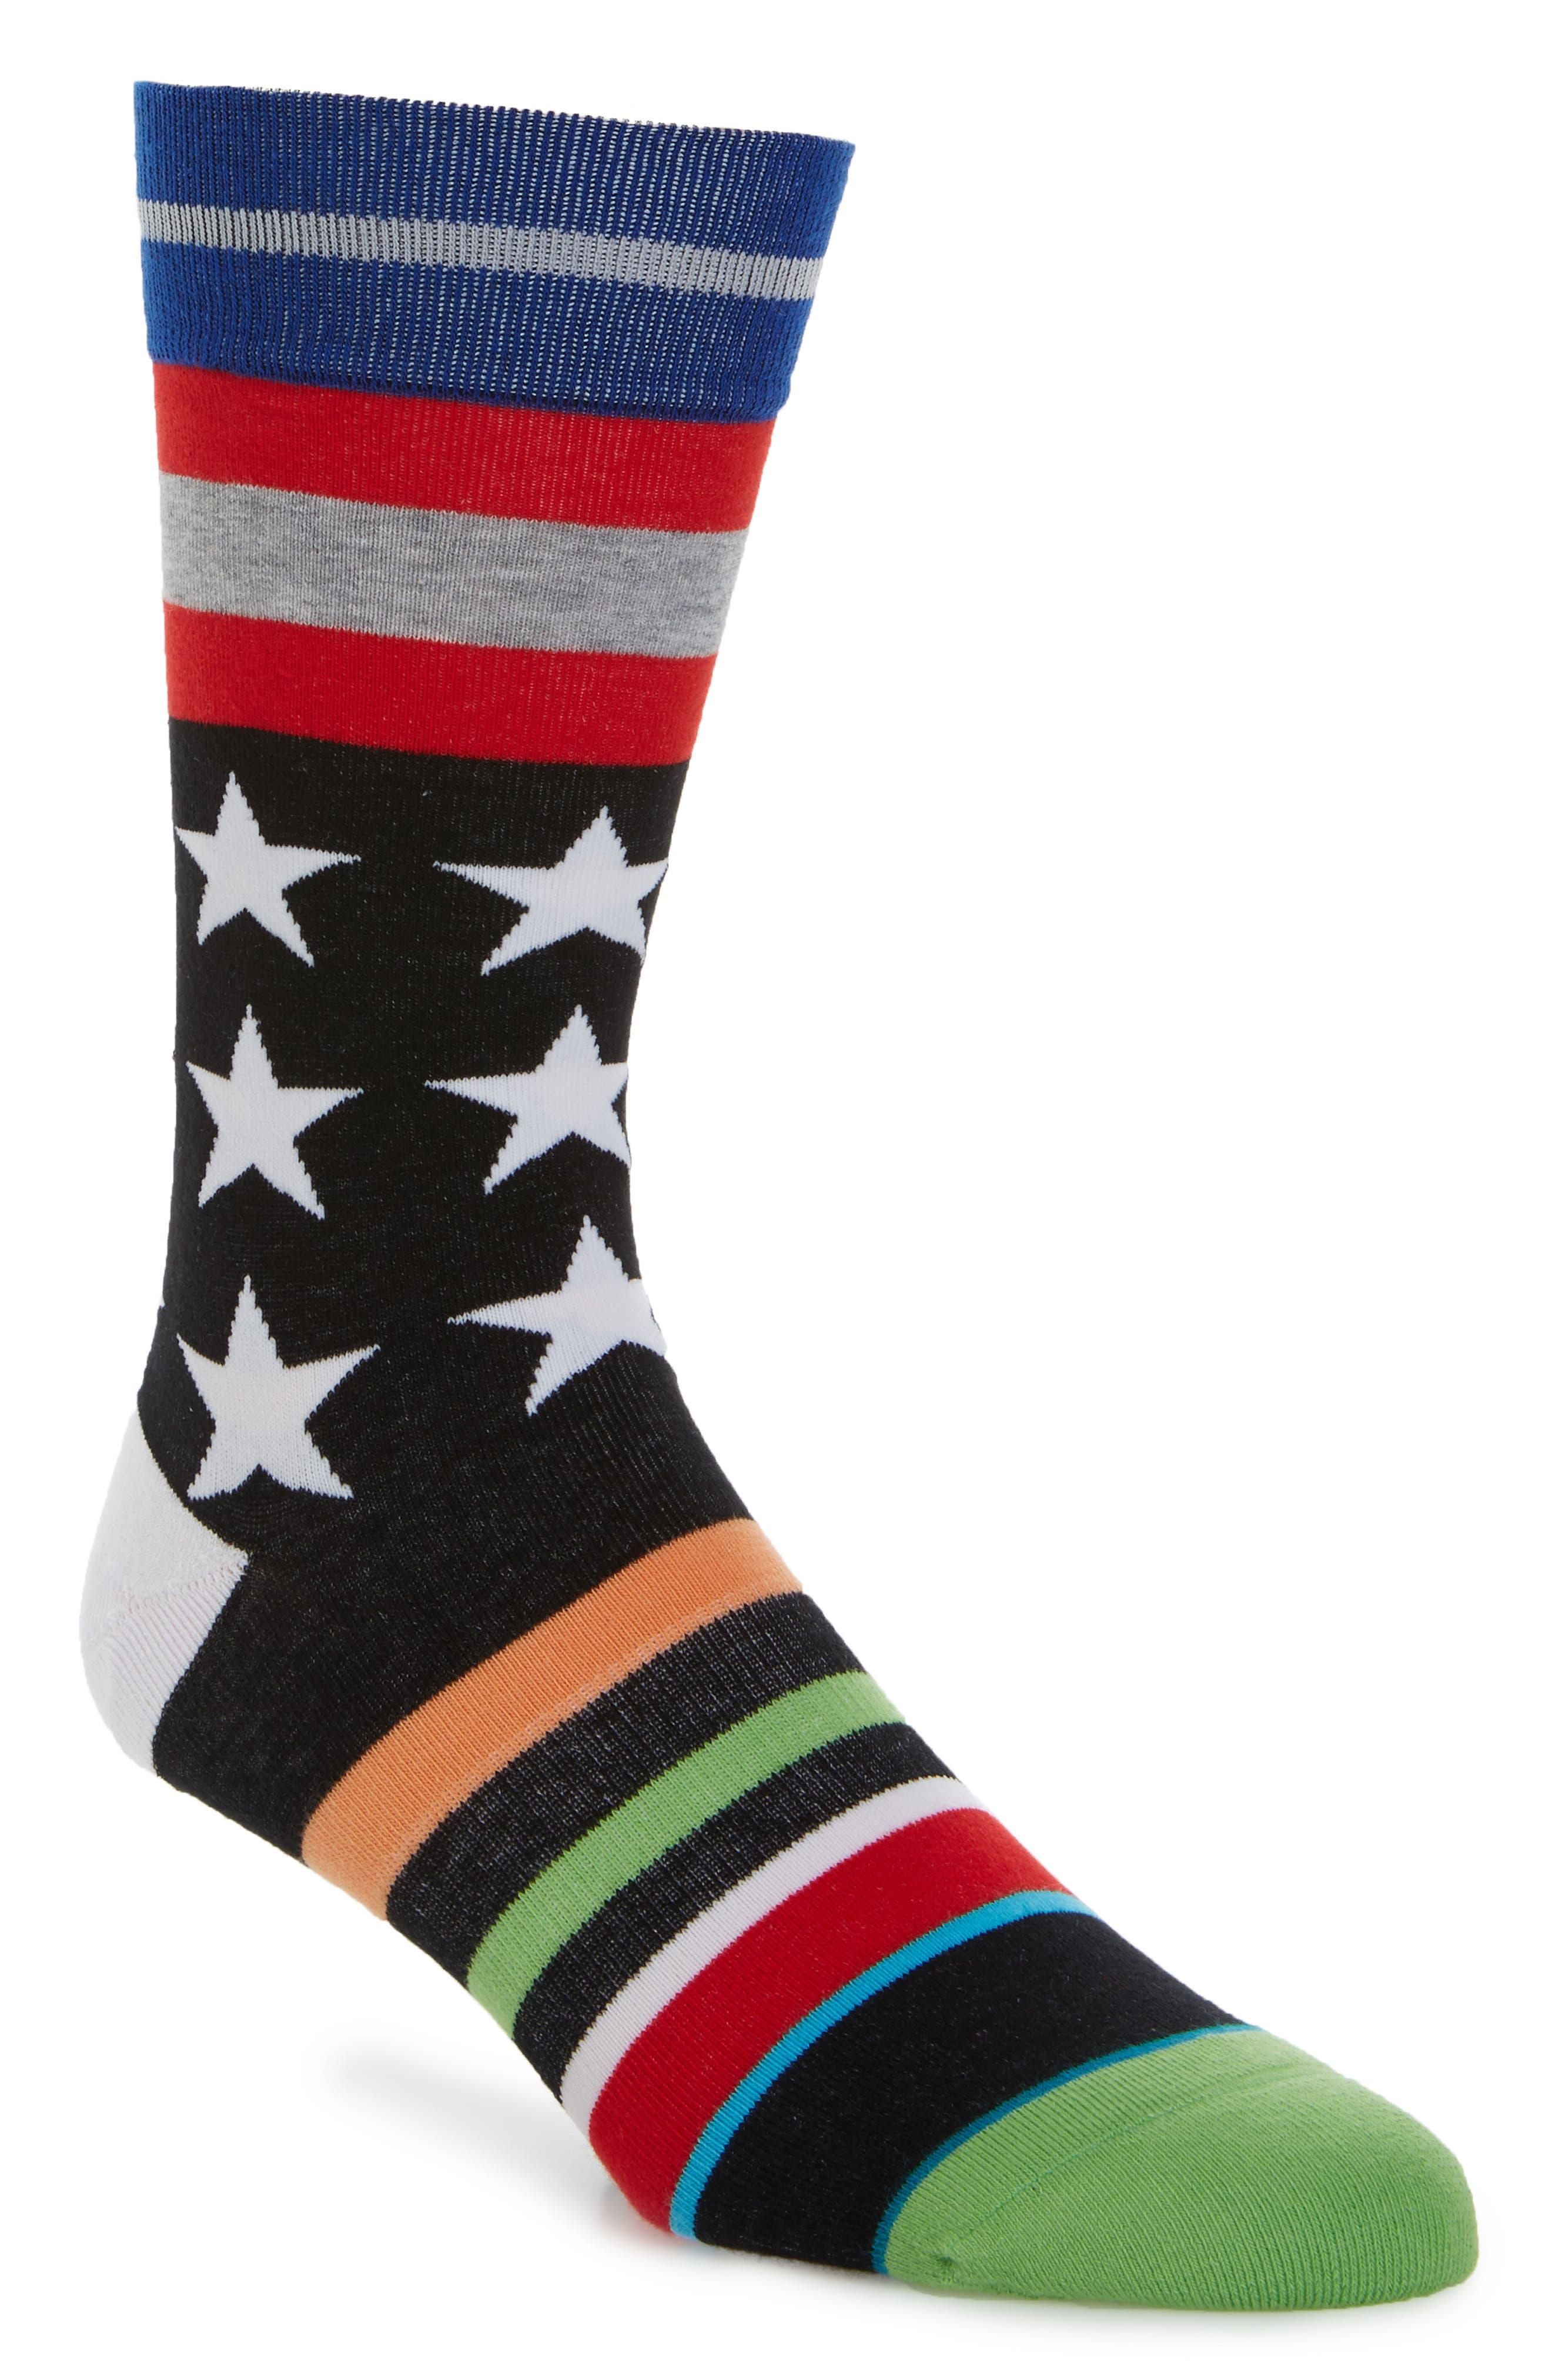 Harden Salute Socks,                             Main thumbnail 1, color,                             Black